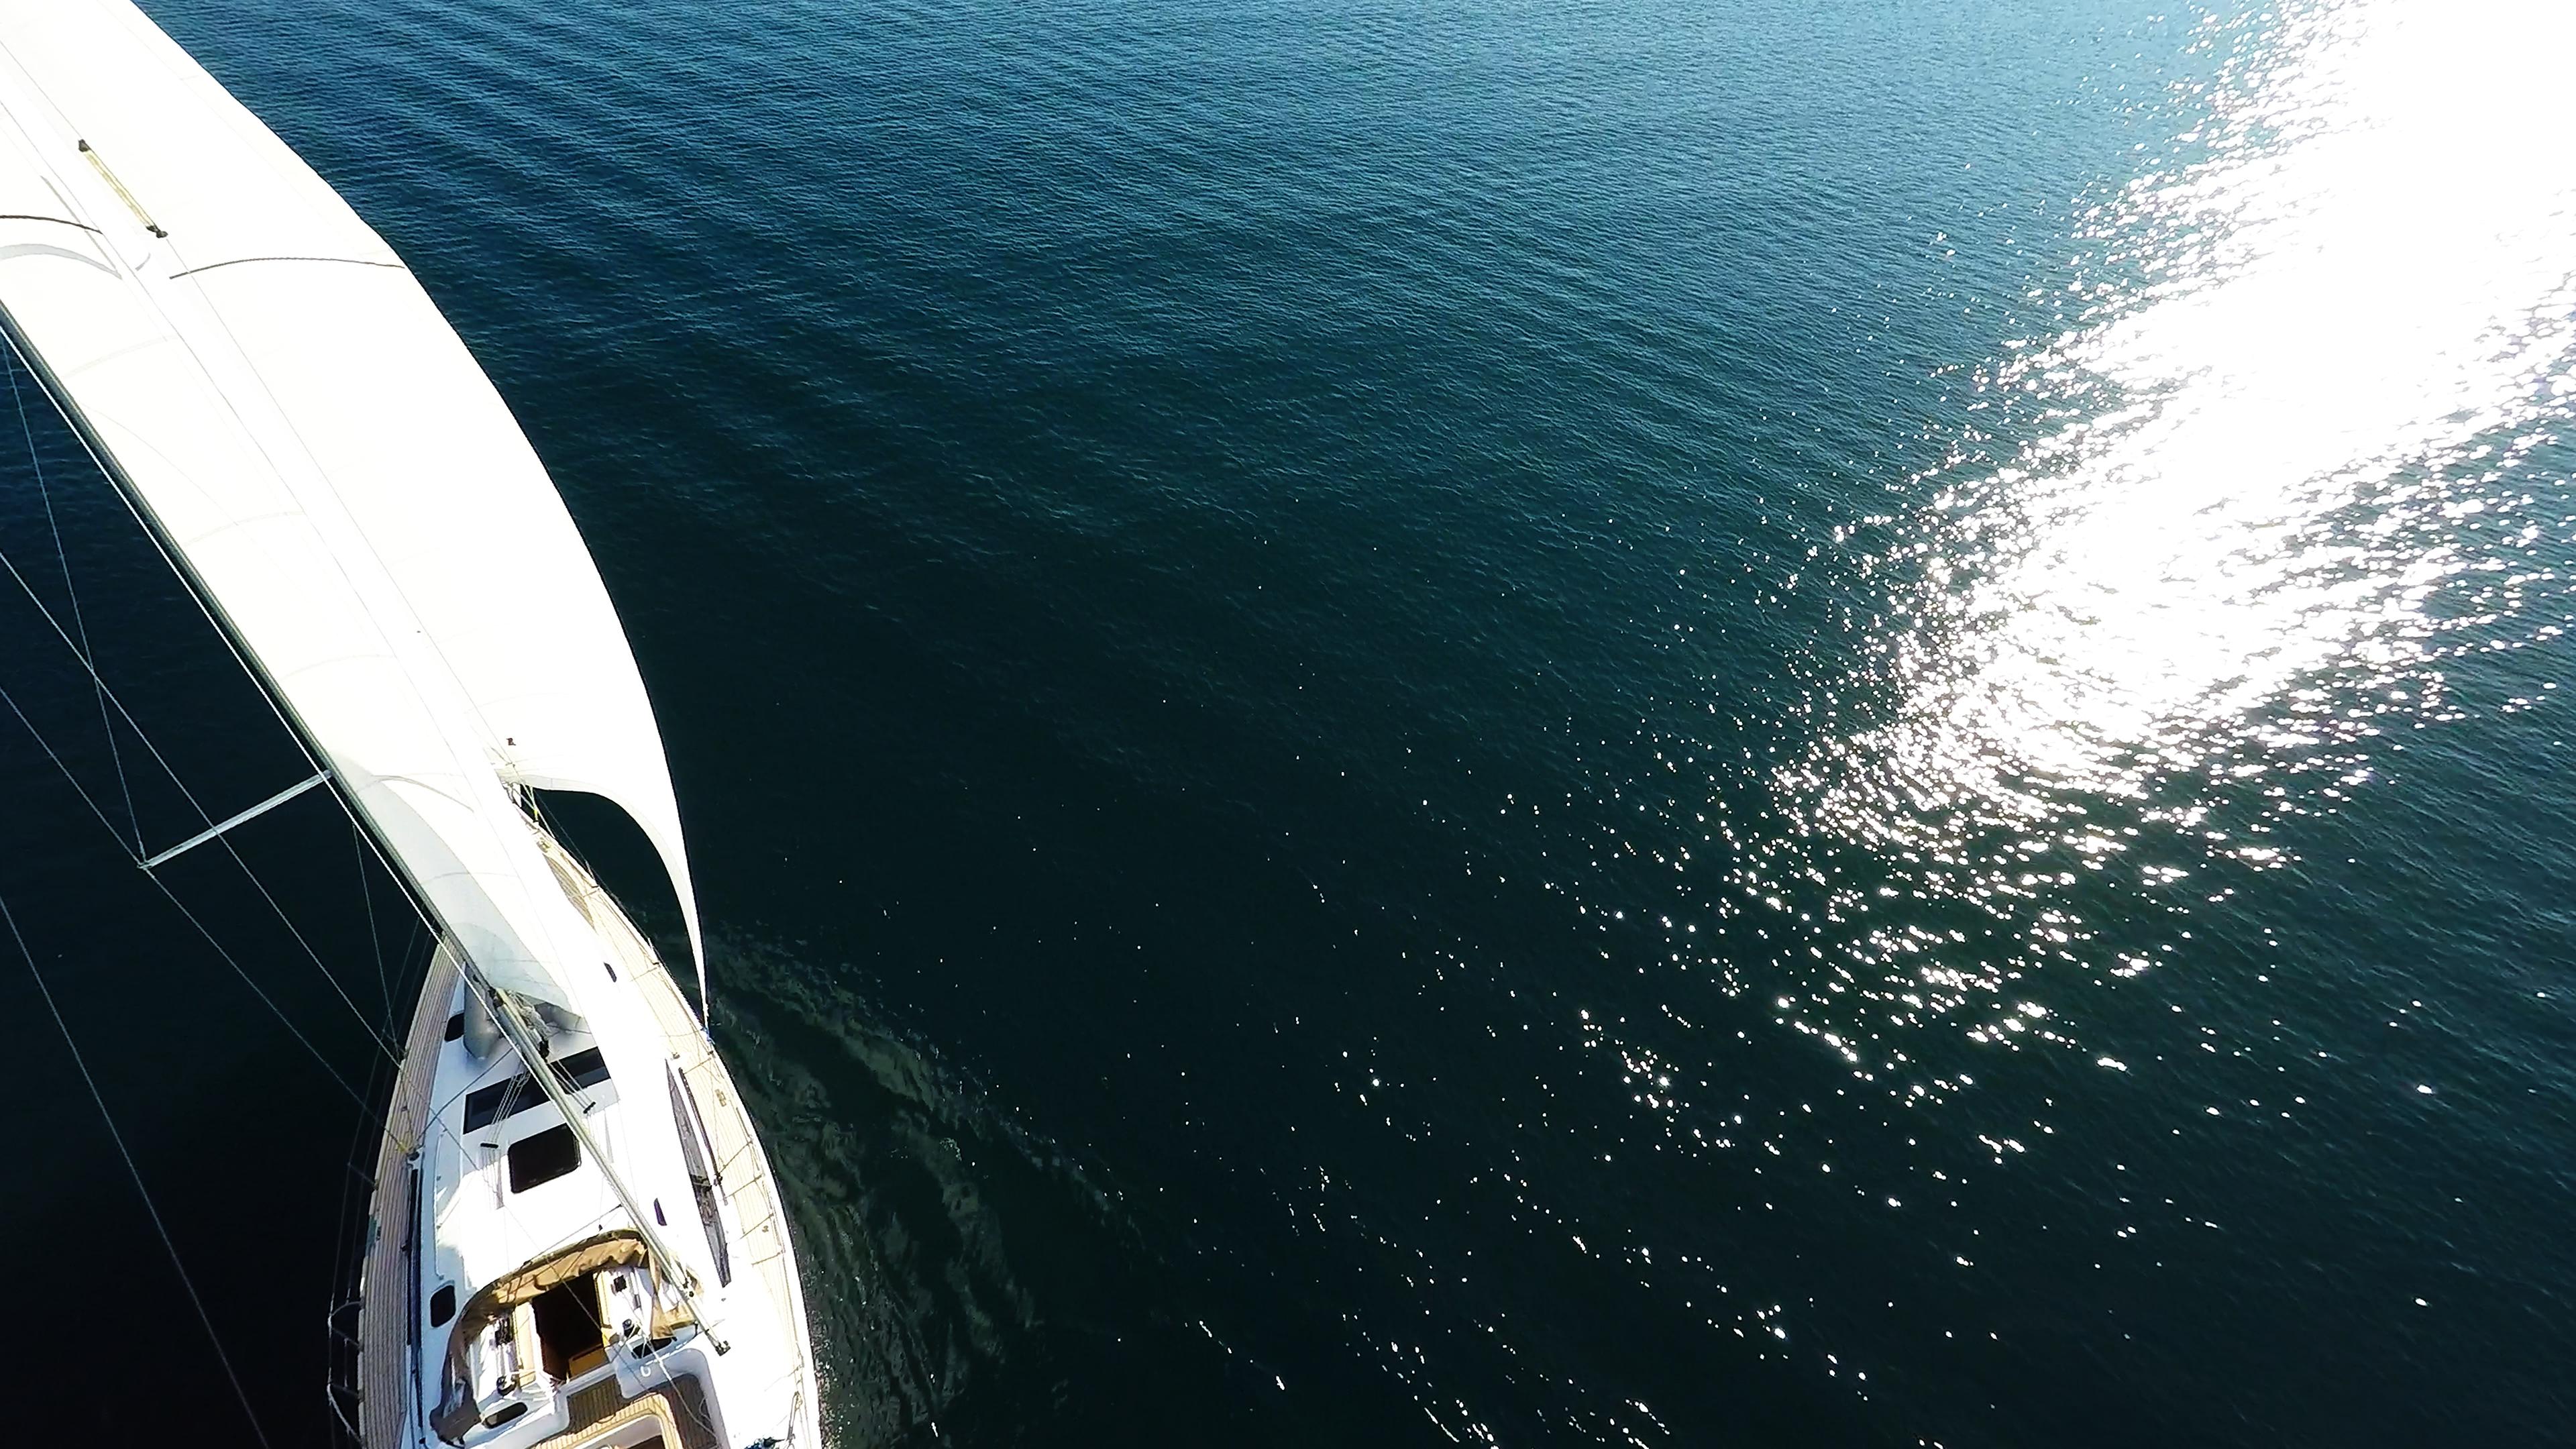 barcha a vela mare onde riflesso del sole vele di yacht a vela barca a vela